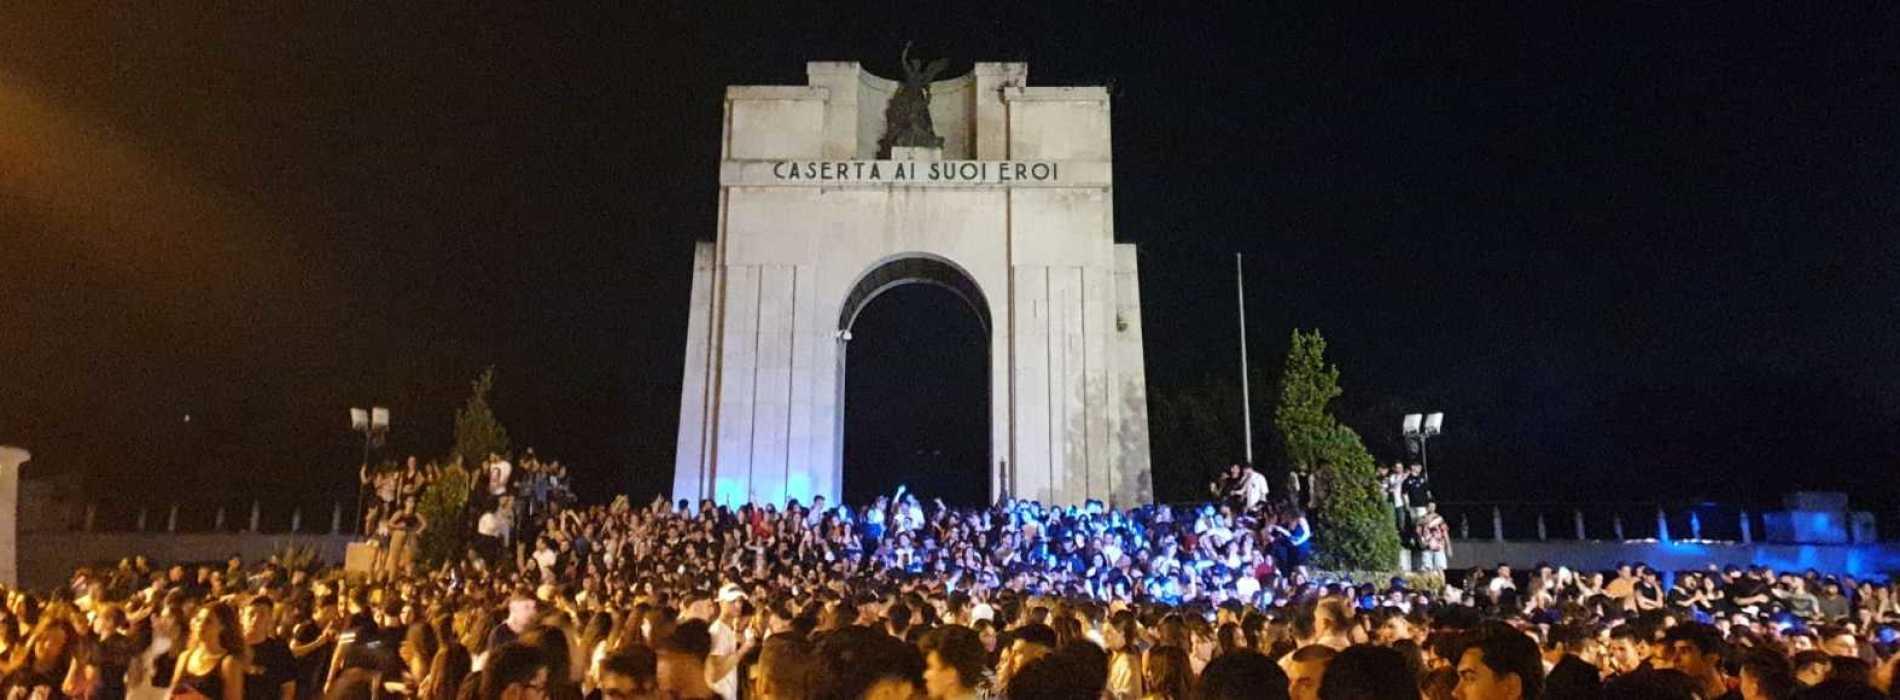 Caserta, al Monumento gli eroi della notte prima degli esami